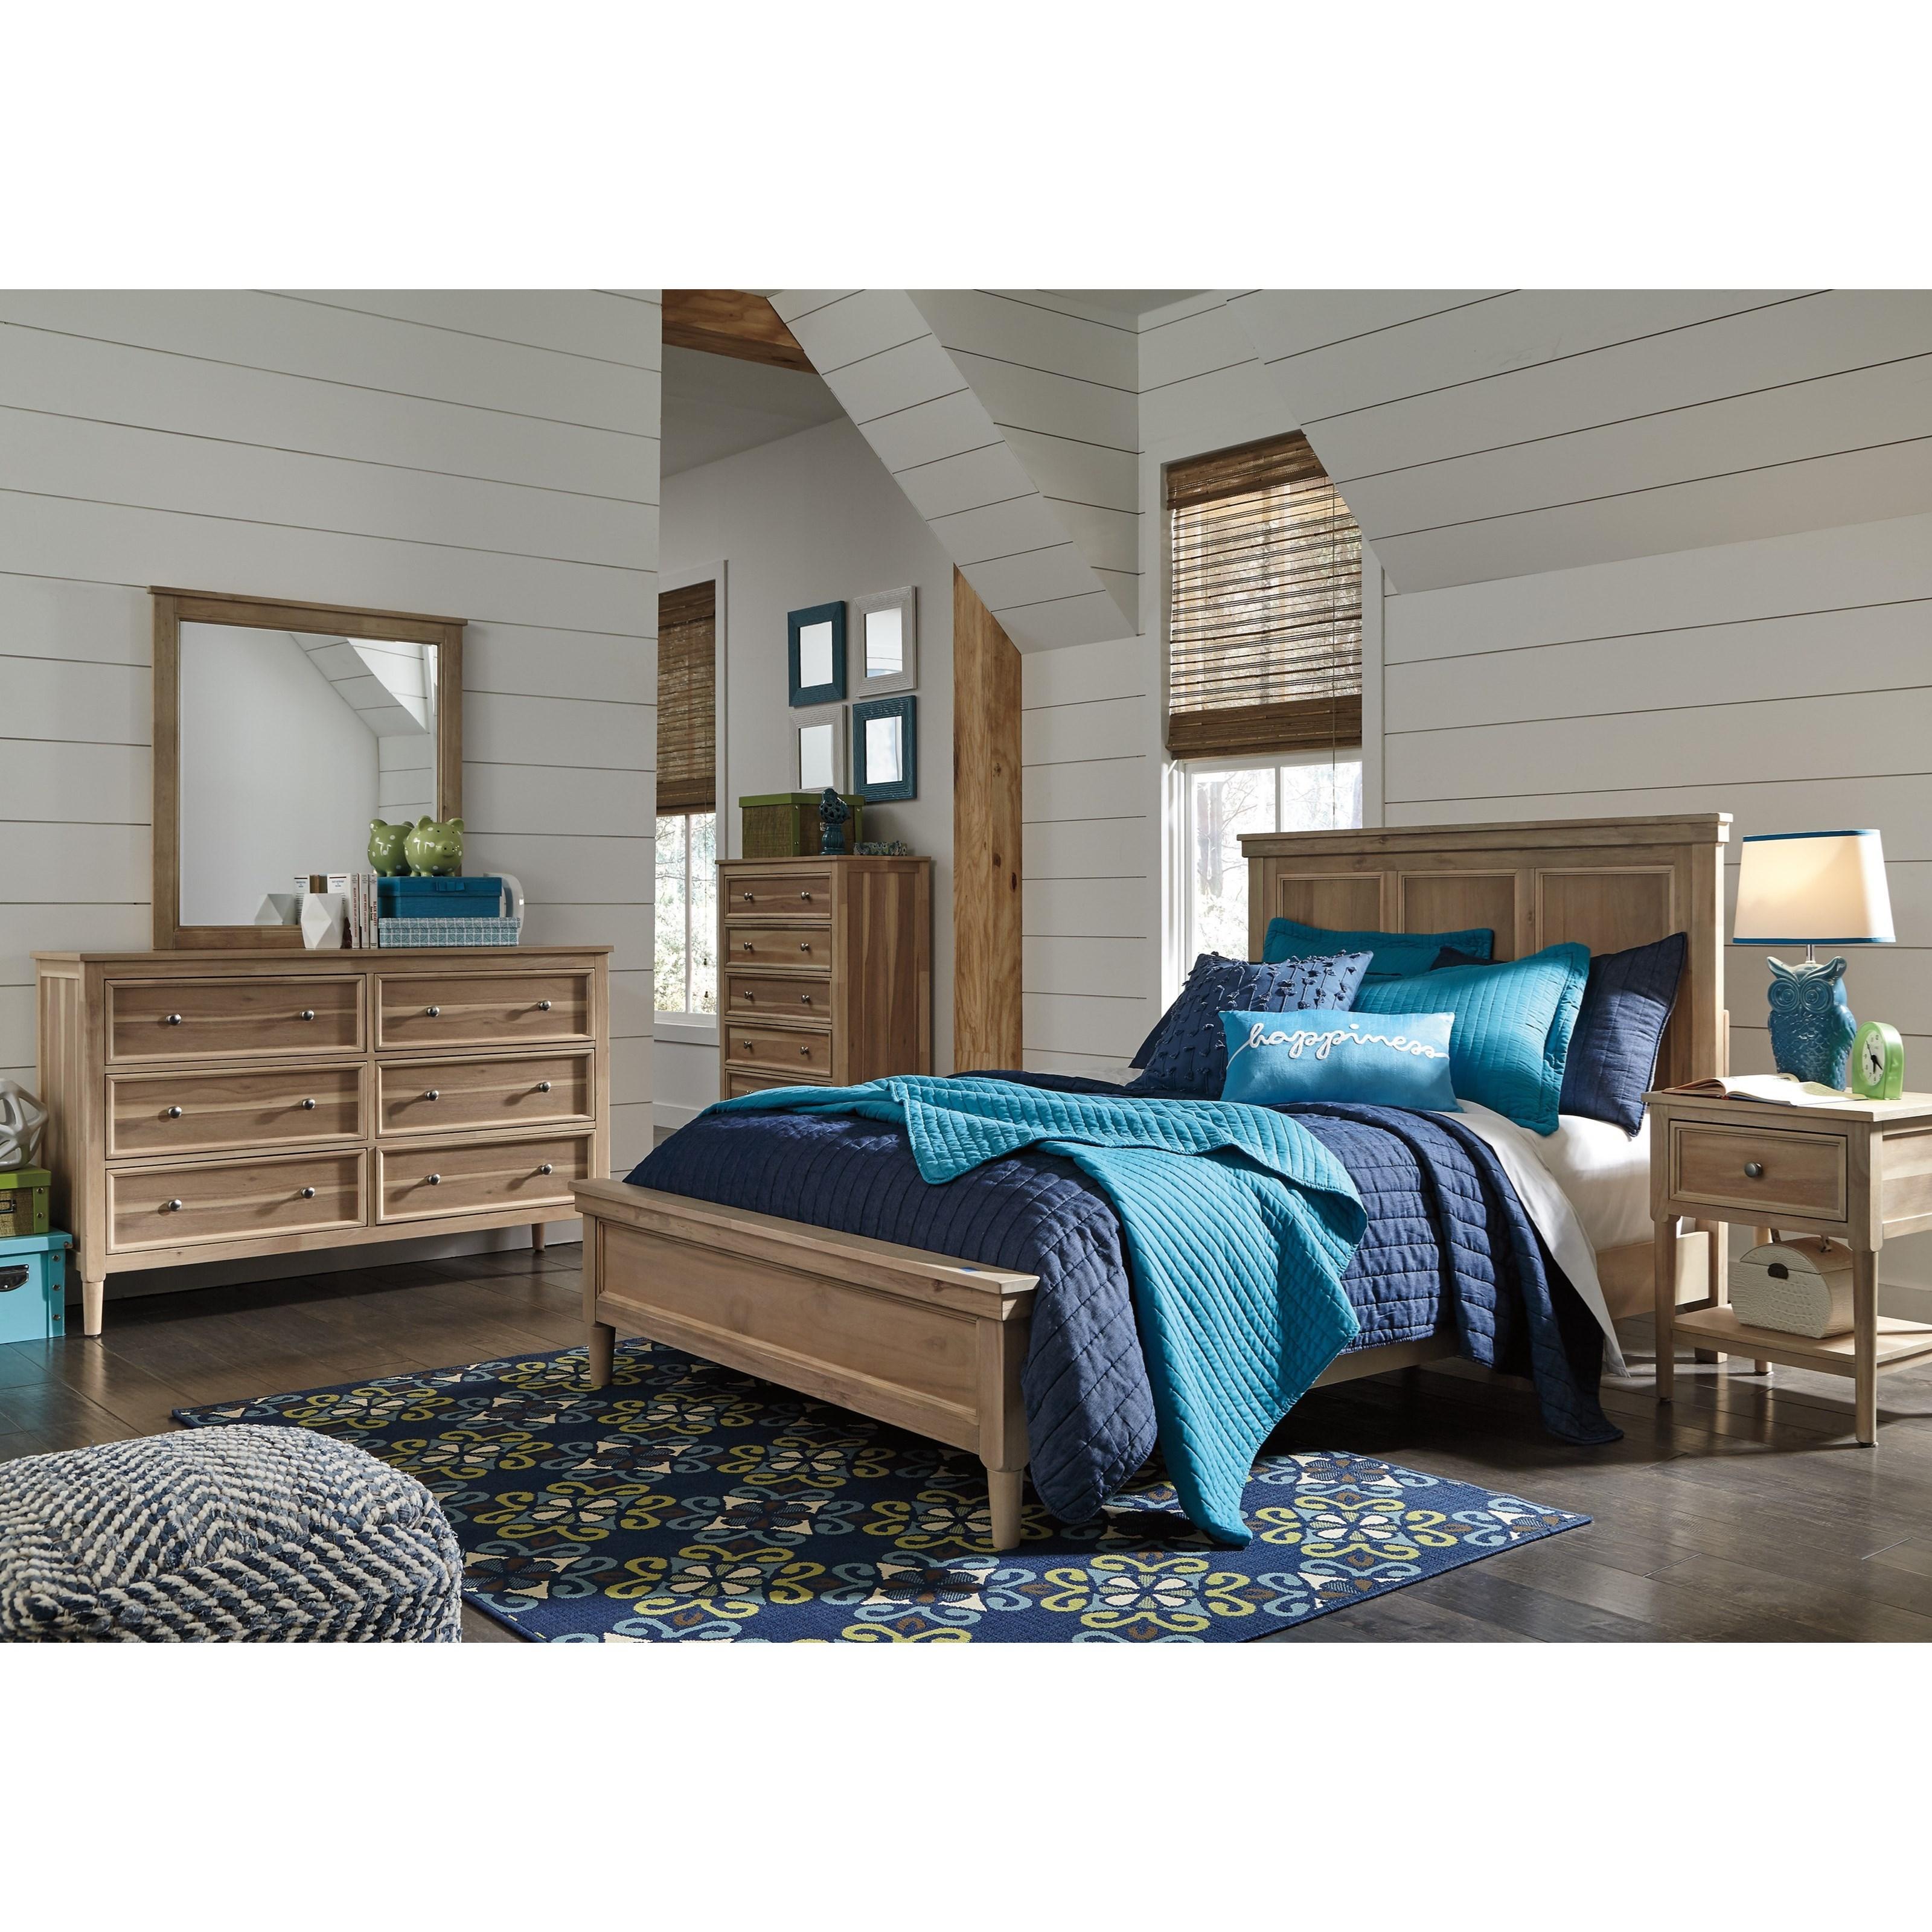 Signature Design By Ashley Klasholm Full Bedroom Group Del Sol Furniture